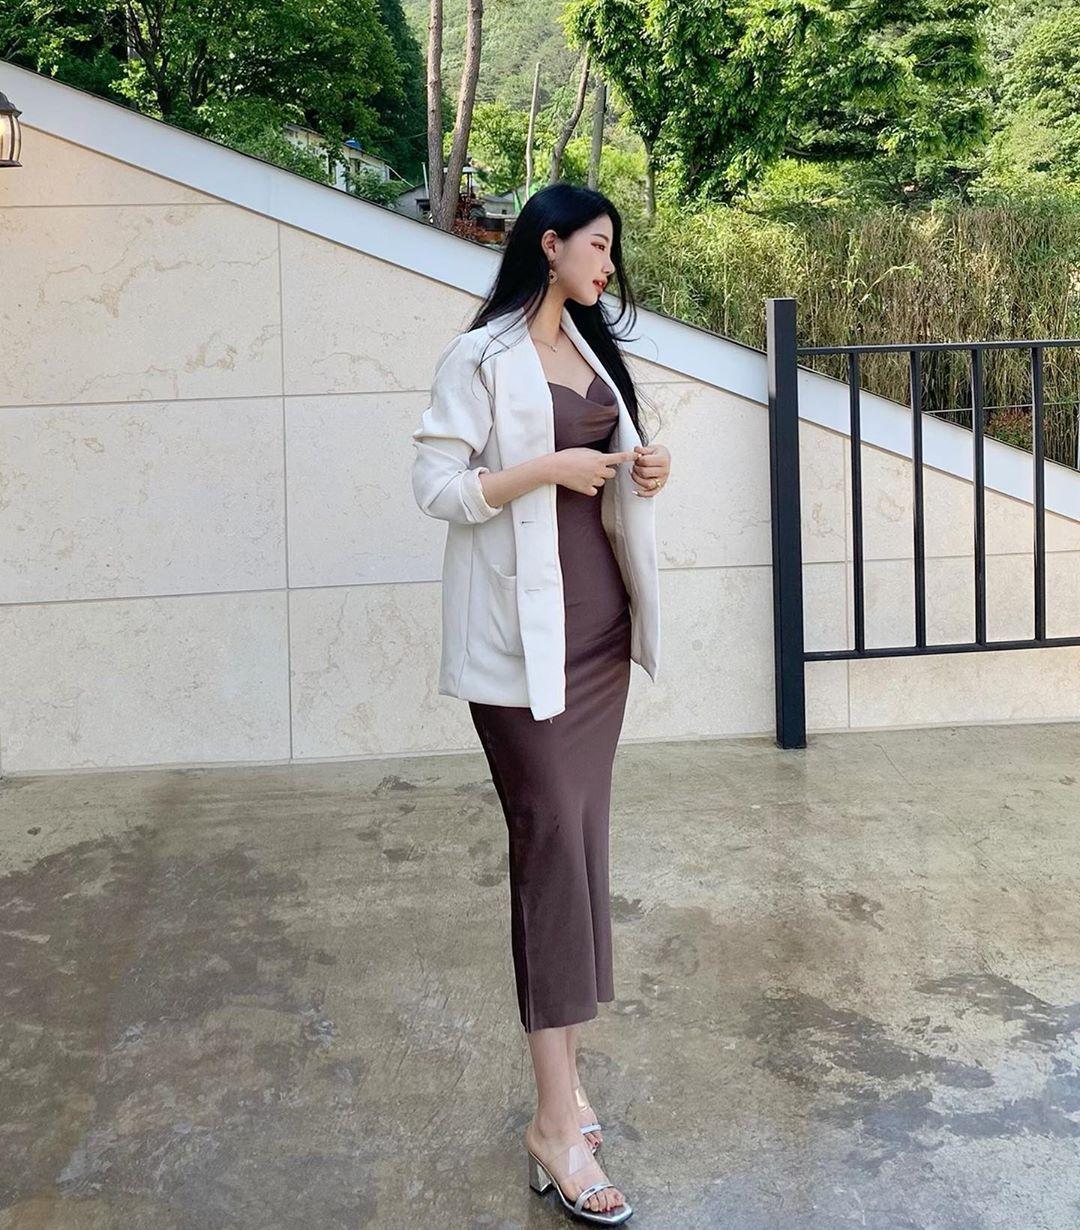 [韩国]韩国天菜级辣姊姊坐在路边咖啡座上看风景时的迷人模样顺便撩倒一票网友〜여진 养眼图片 第8张